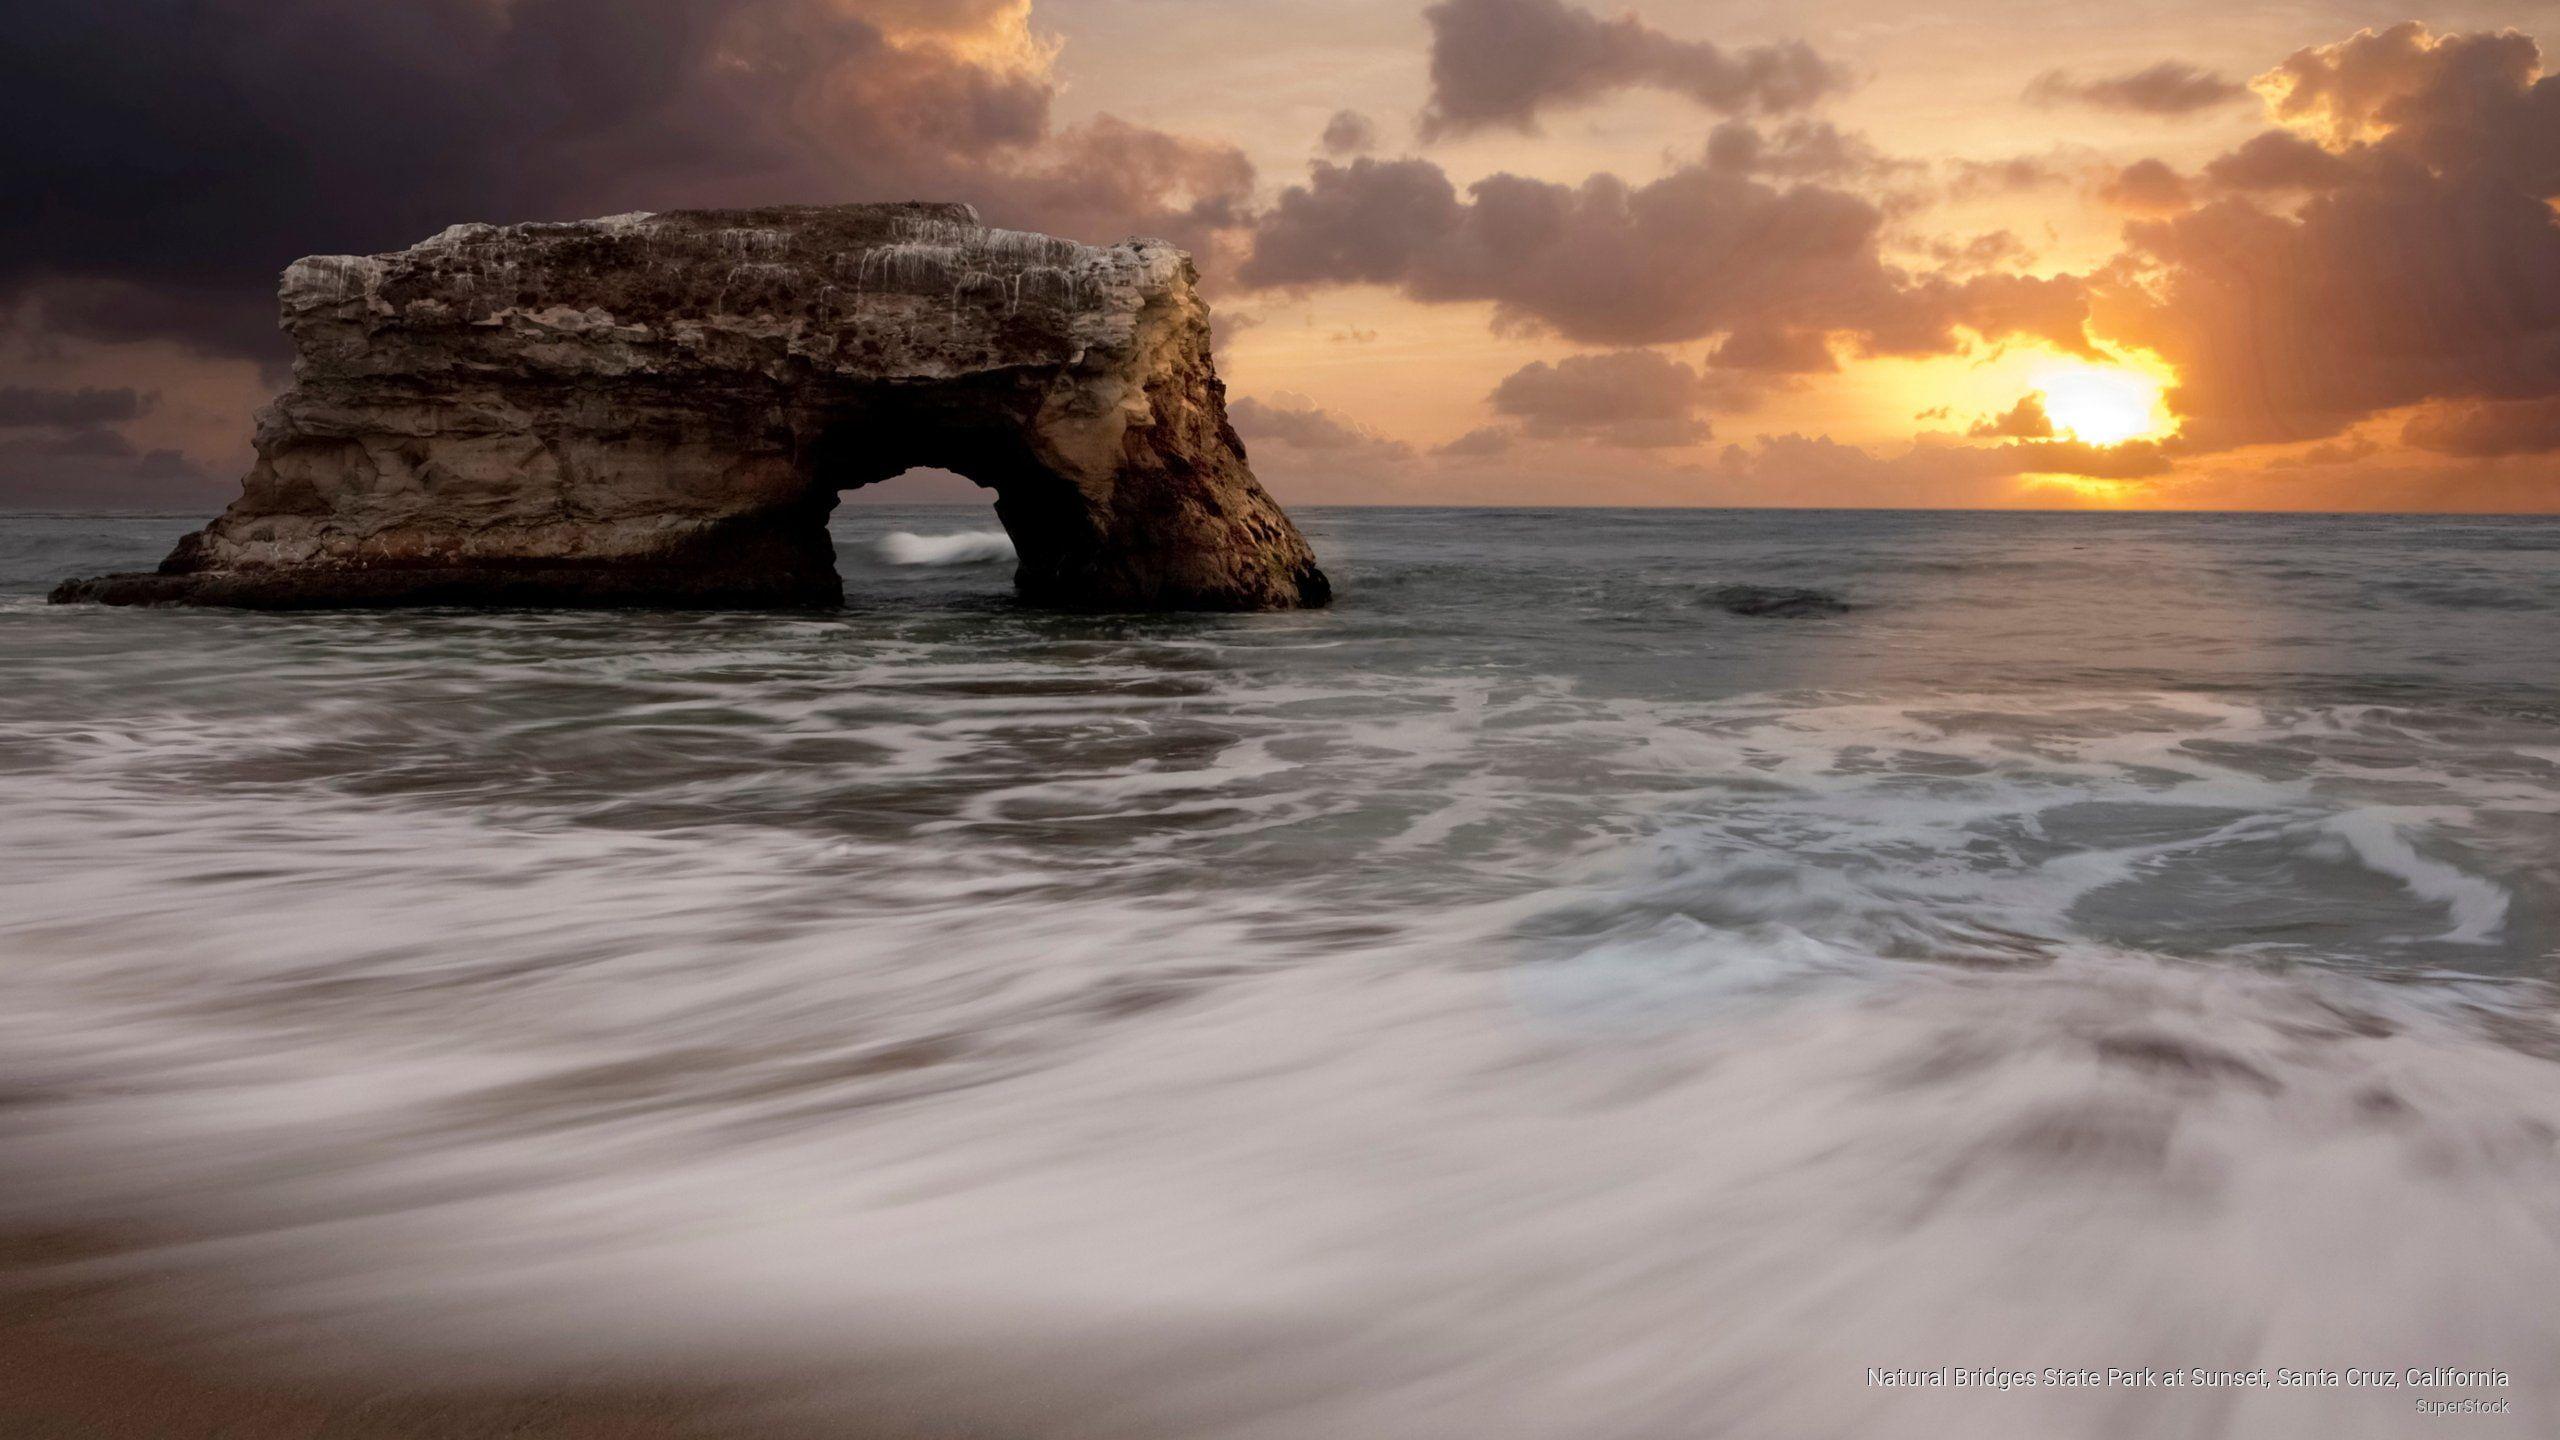 Natural Bridges State Park At Sunset Santa Cruz California Beaches 2k Wallpaper Hdwallpaper Deskto State Parks California Wallpaper California Landscape